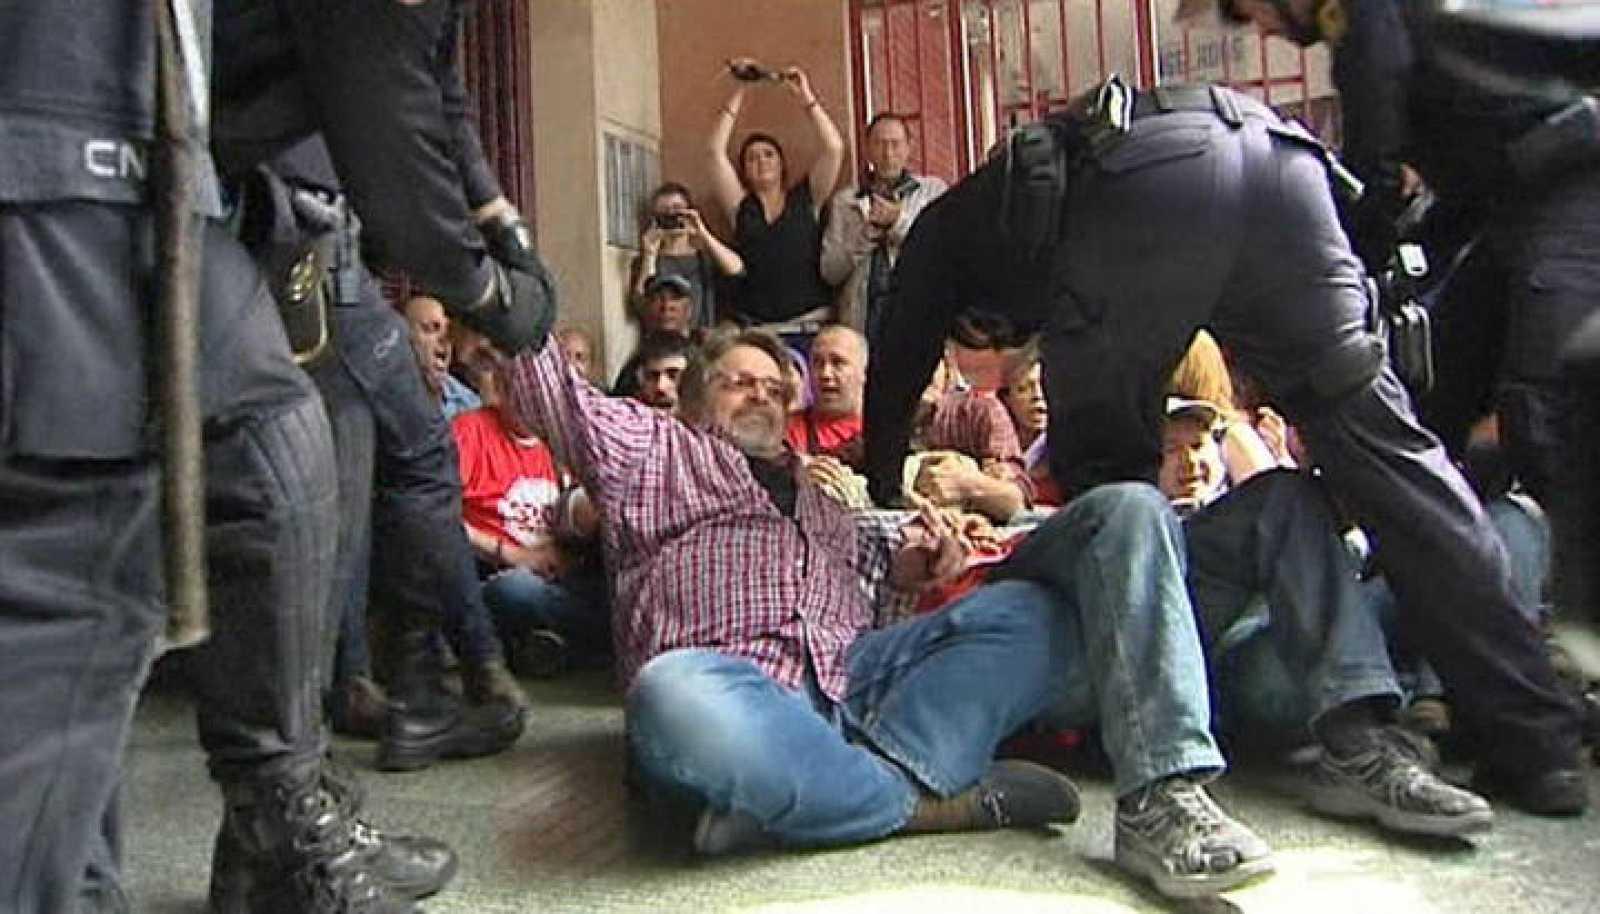 DOS DETENIDOS AL TRATAR DE EVITAR EL DESAHUCIO DE FAMILIA CUBANA EN ALICANTE